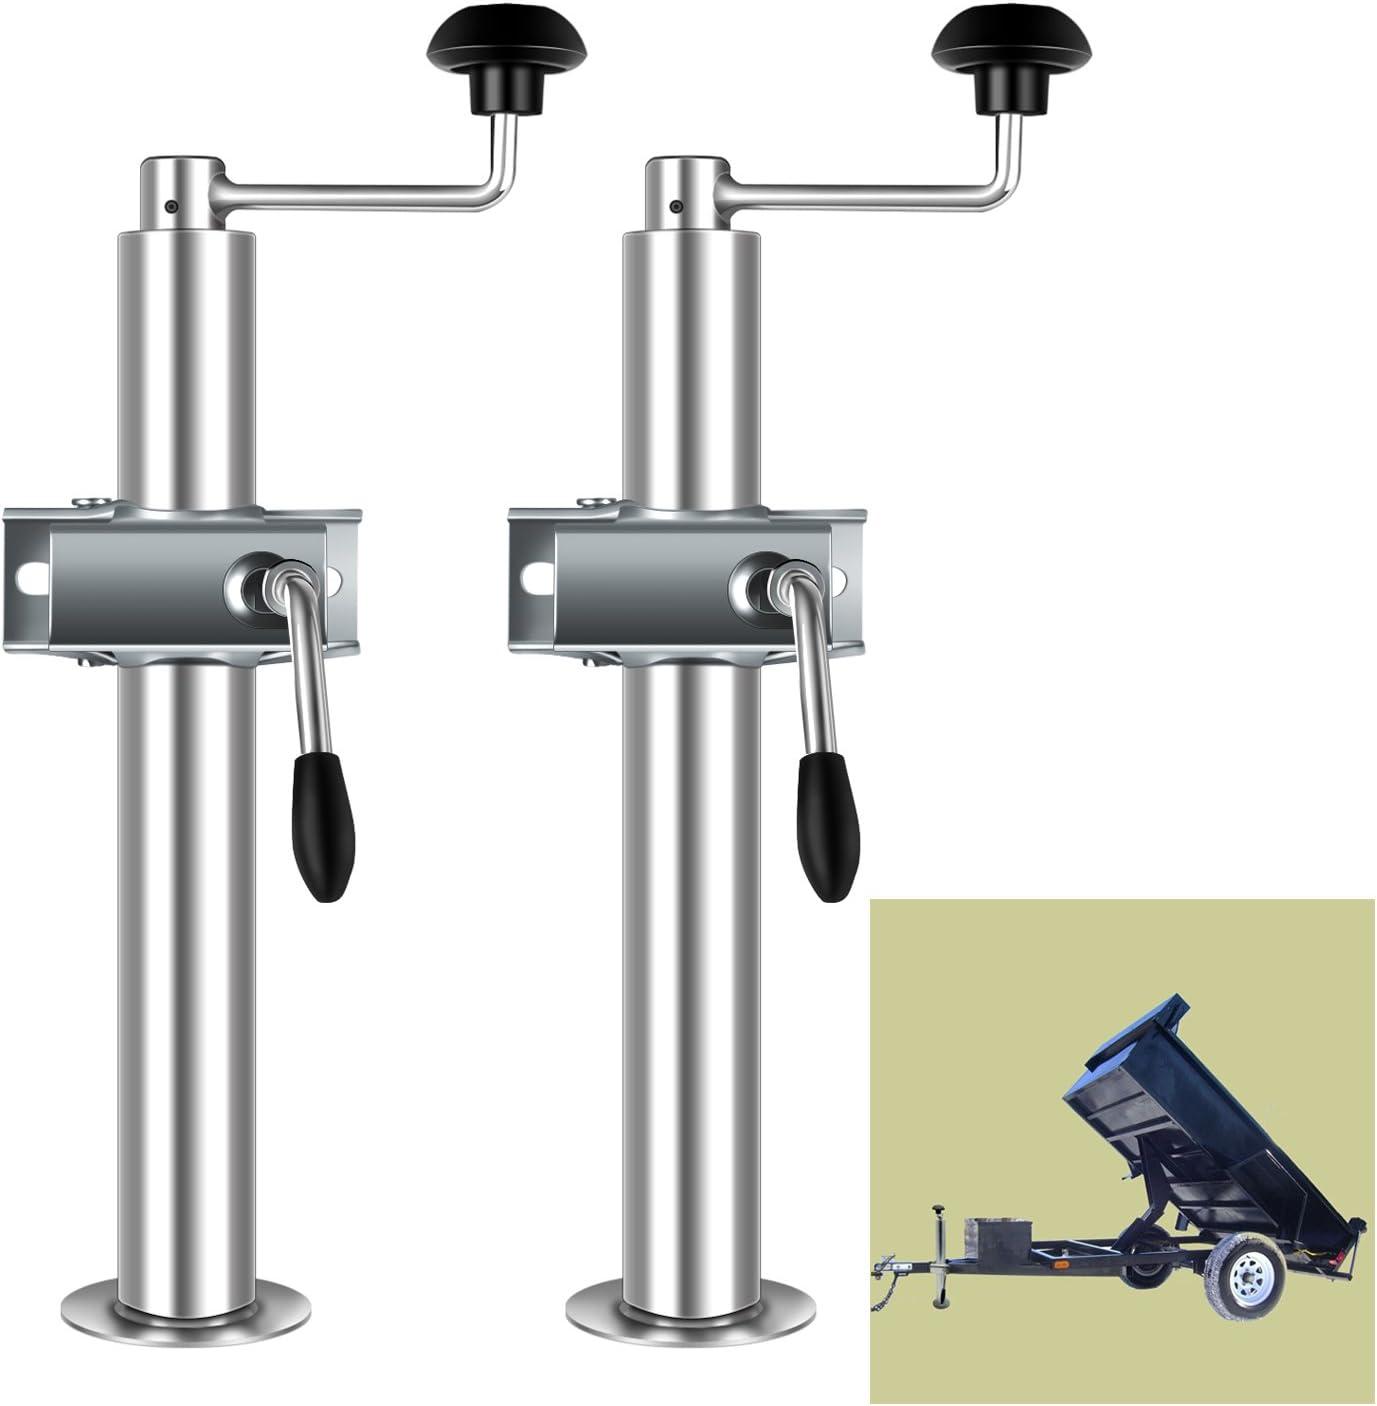 Kefflum 2x Anhängerstütze Abstellstützen Incl Halterung Und Klemmhalter Für Pkw Anhänger Anhängerstützen Höhe 480mm 690mm 2t Traglast Auto